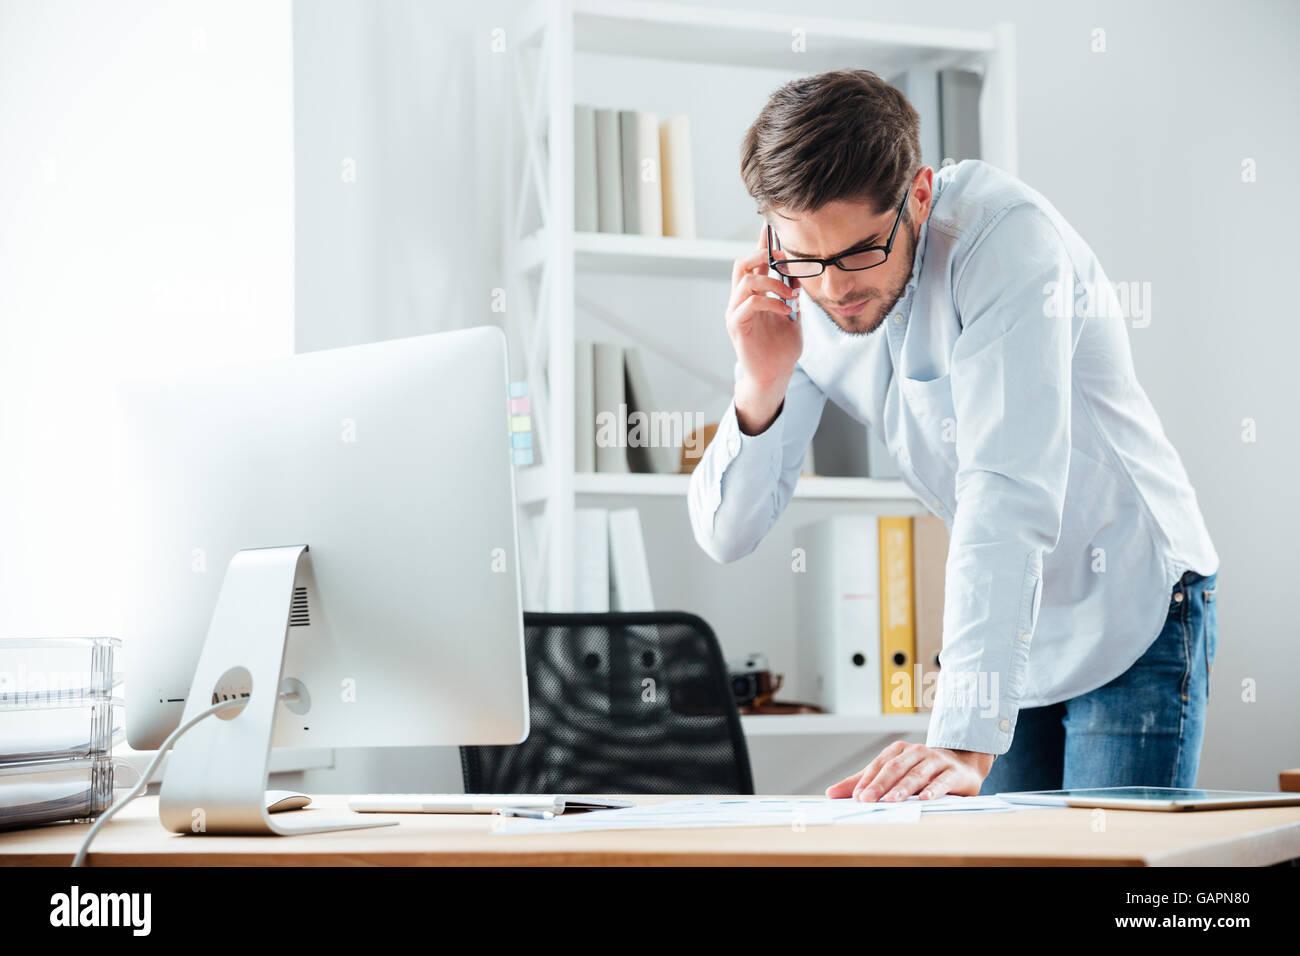 Jeune homme debout à l'entreprise handsoome 24 travaillant sur des documents avec mobile phoone in office Banque D'Images